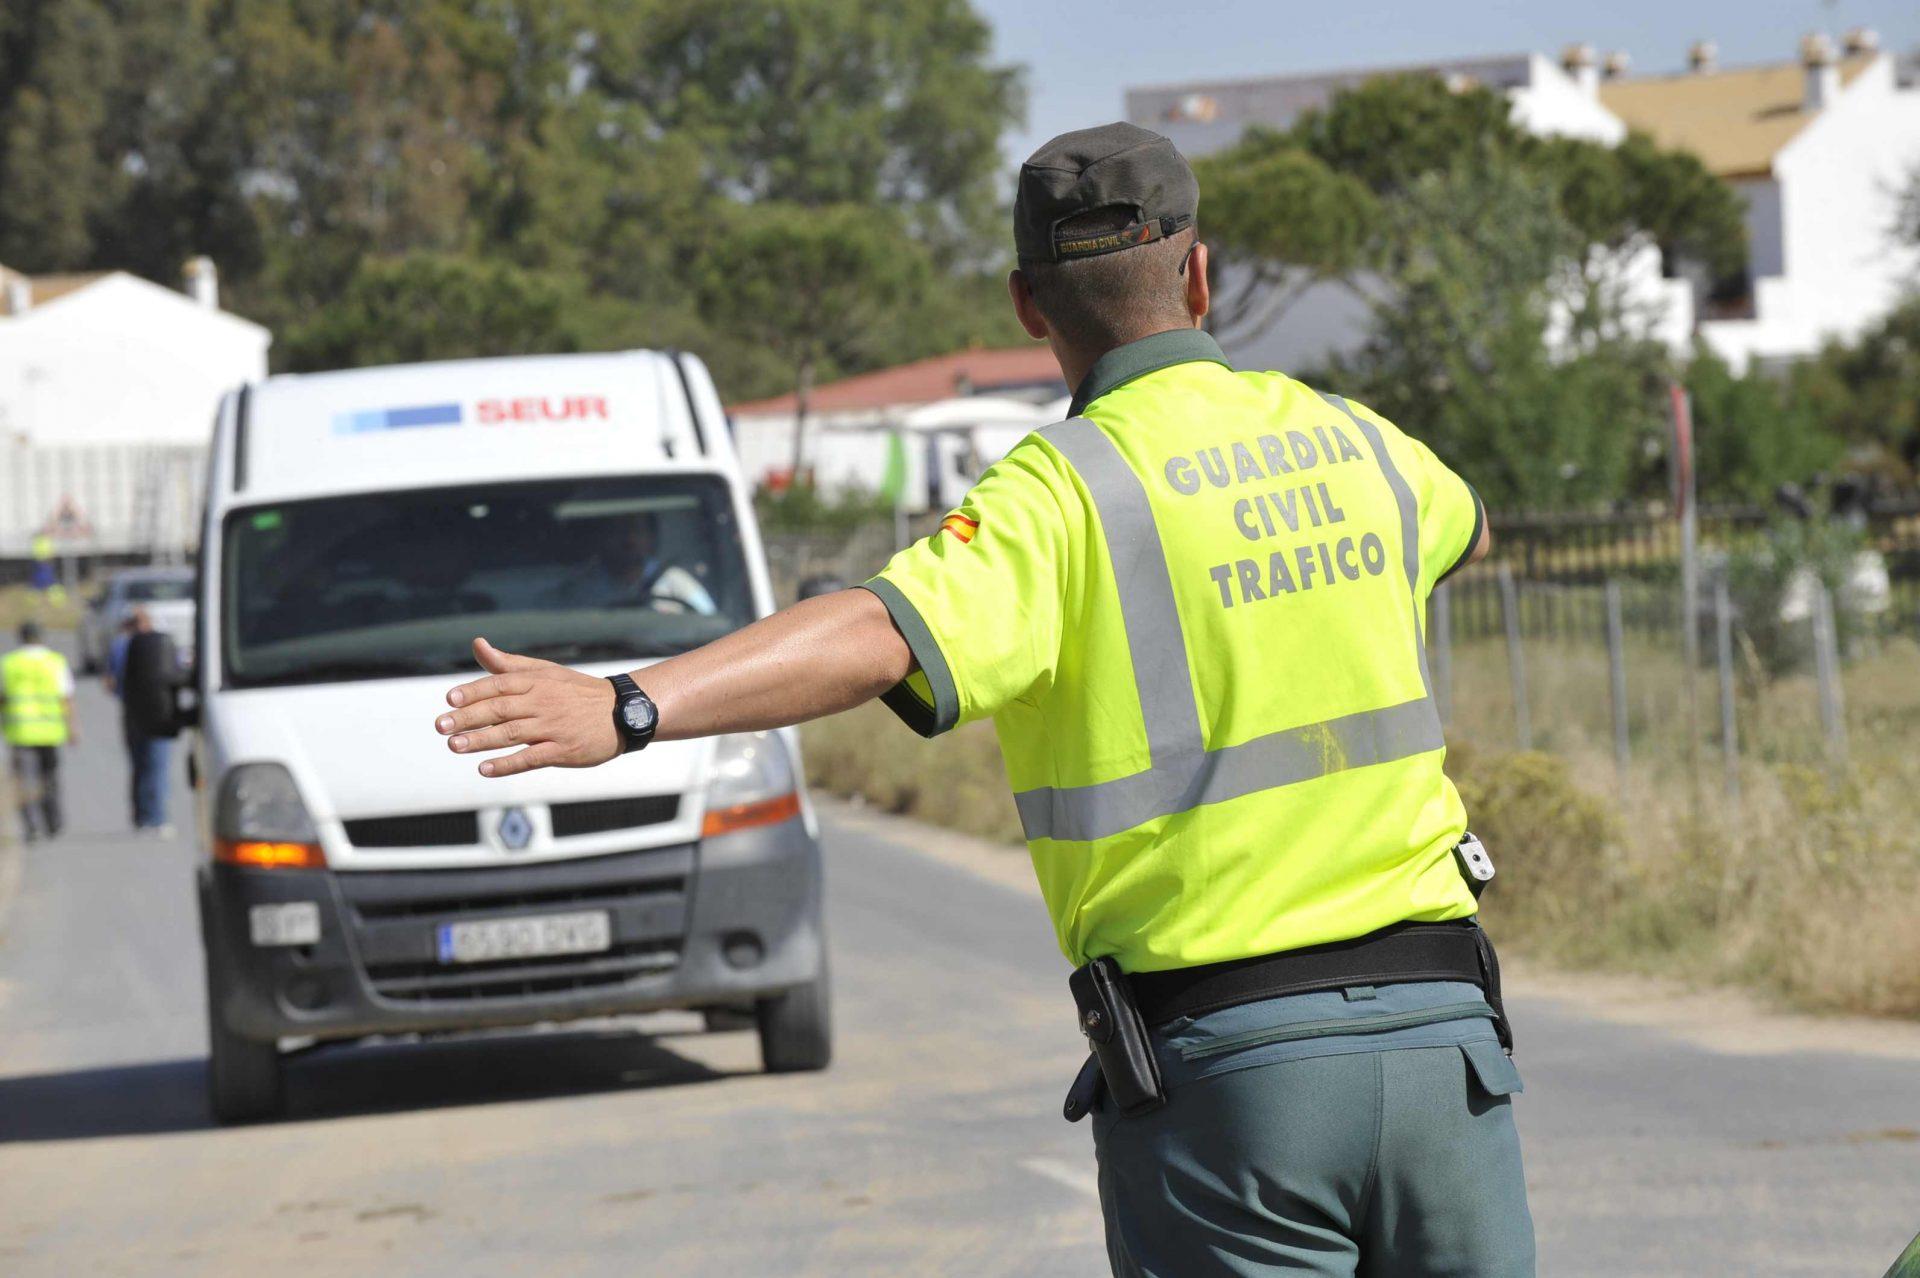 Furgonetas Camiones Dgt Guardia Civil